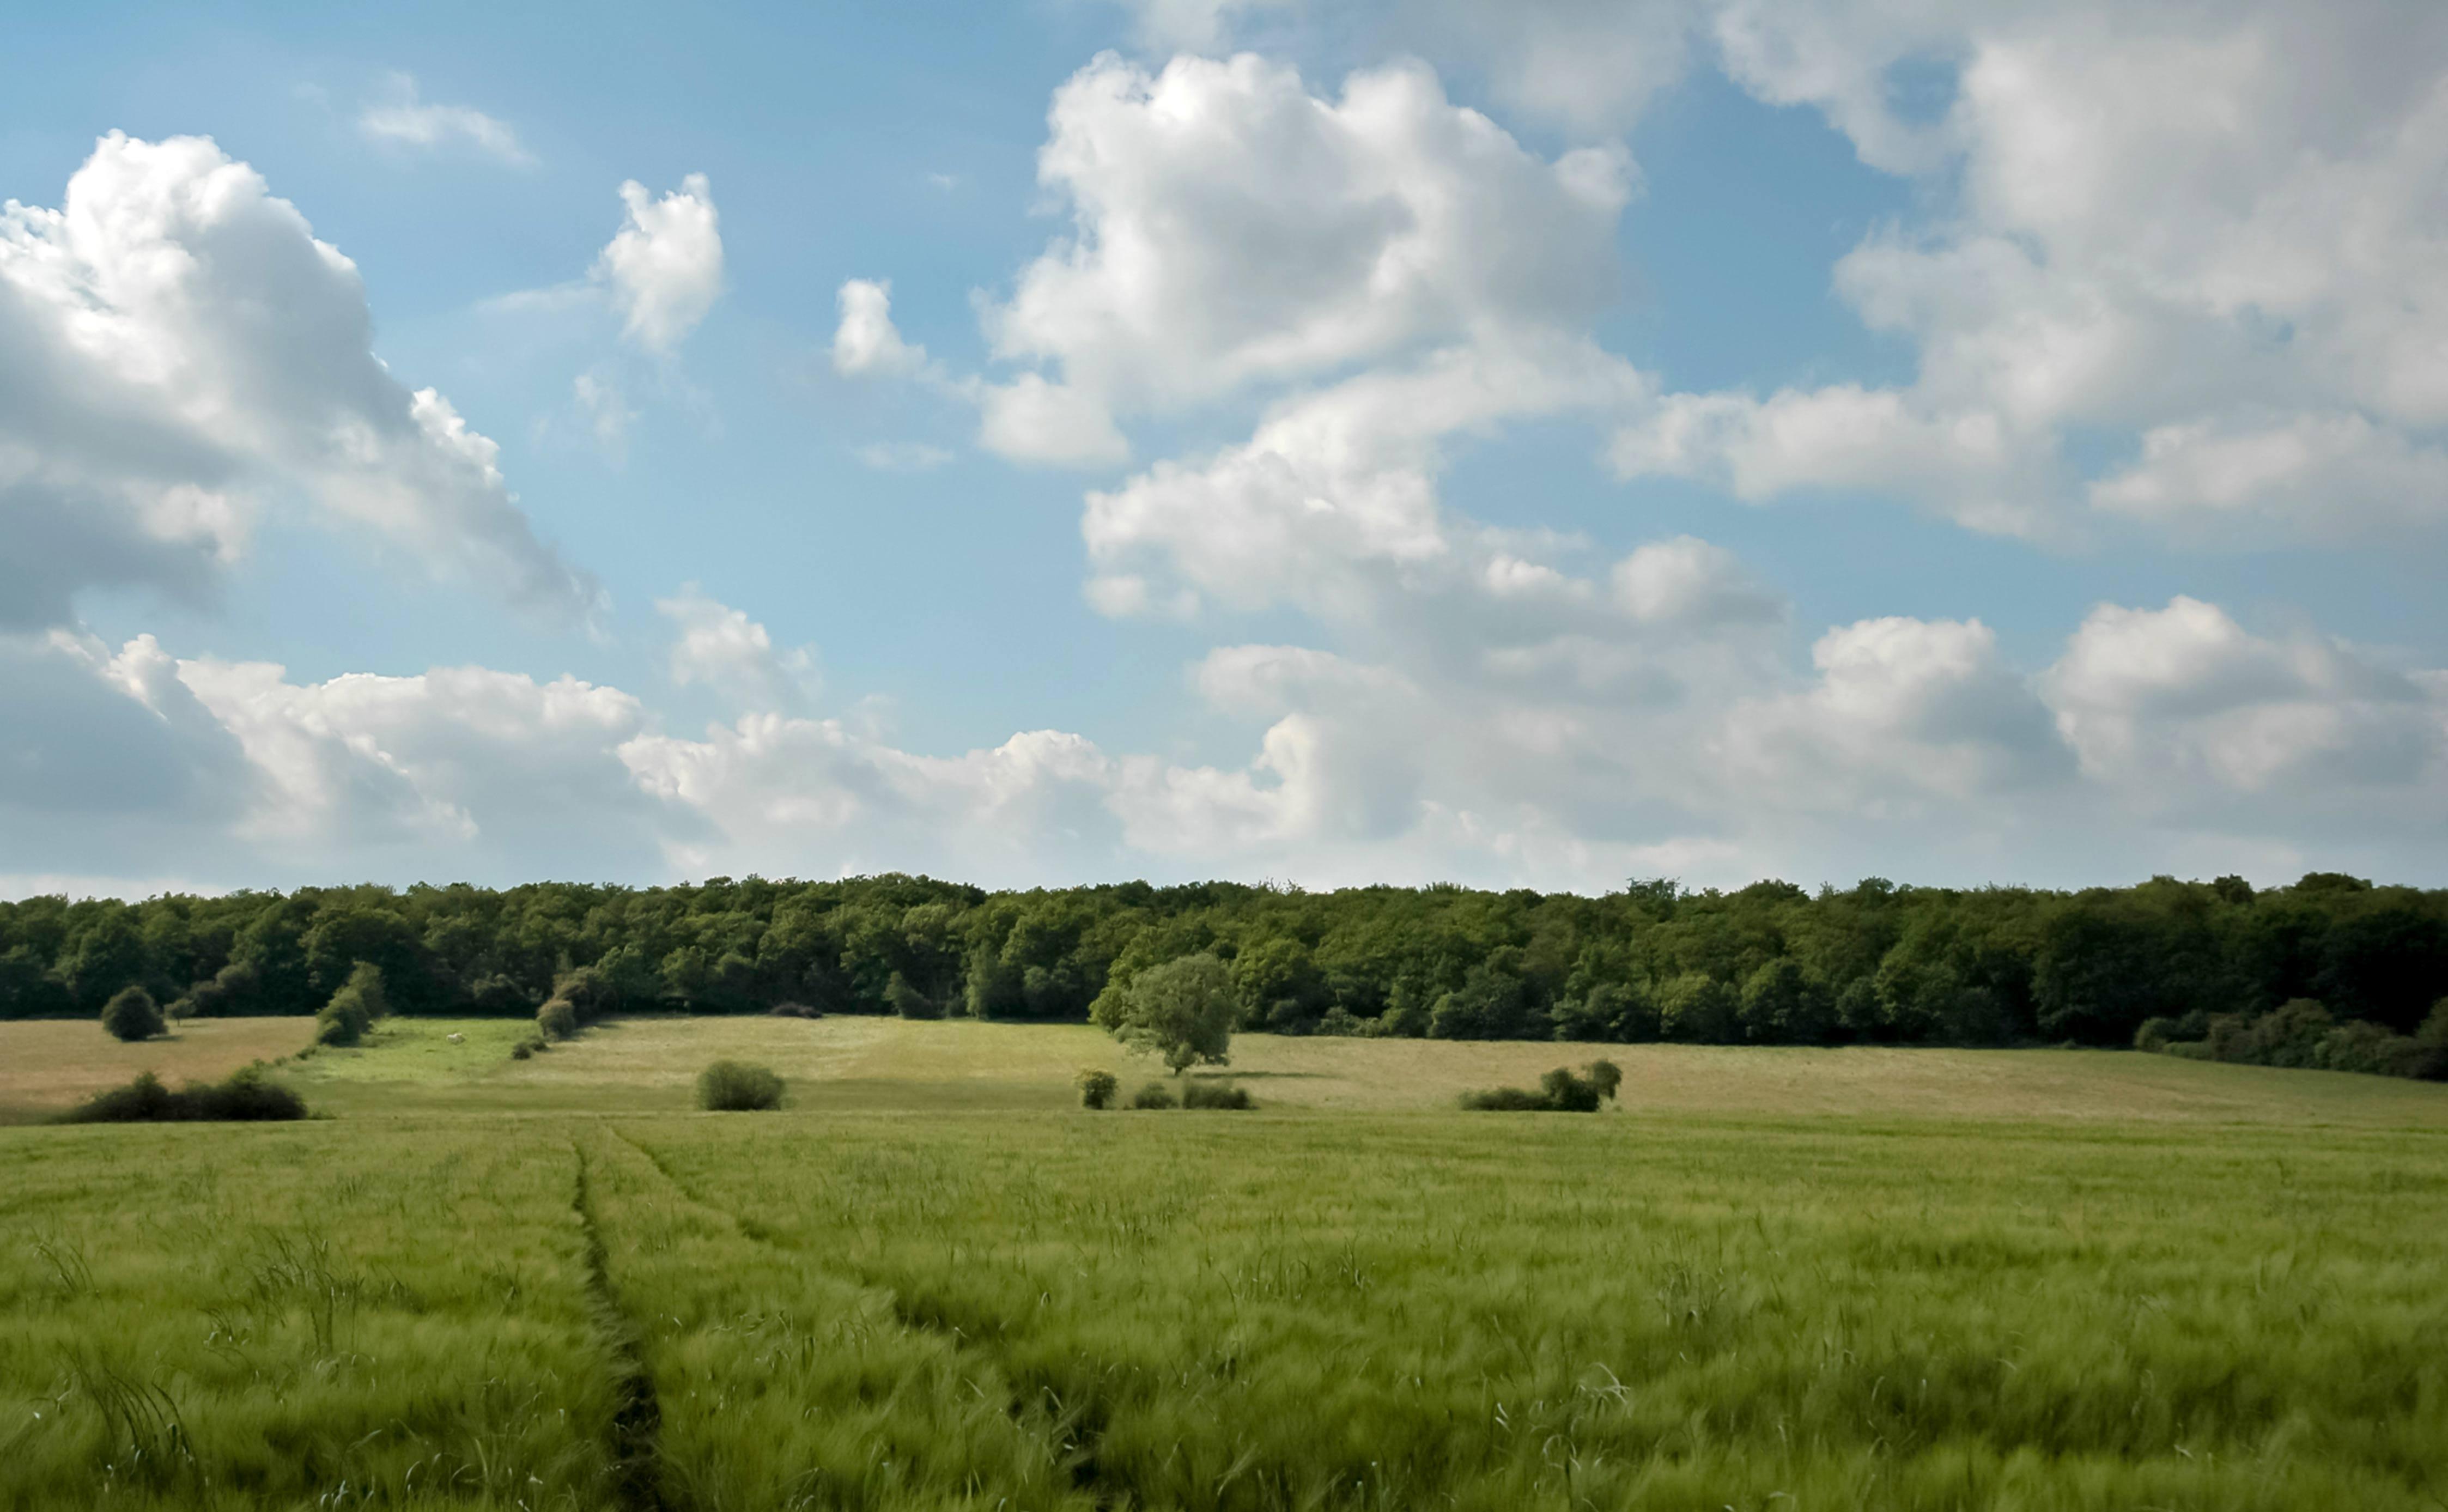 Beautiful blue sky on greenltreeline landscape